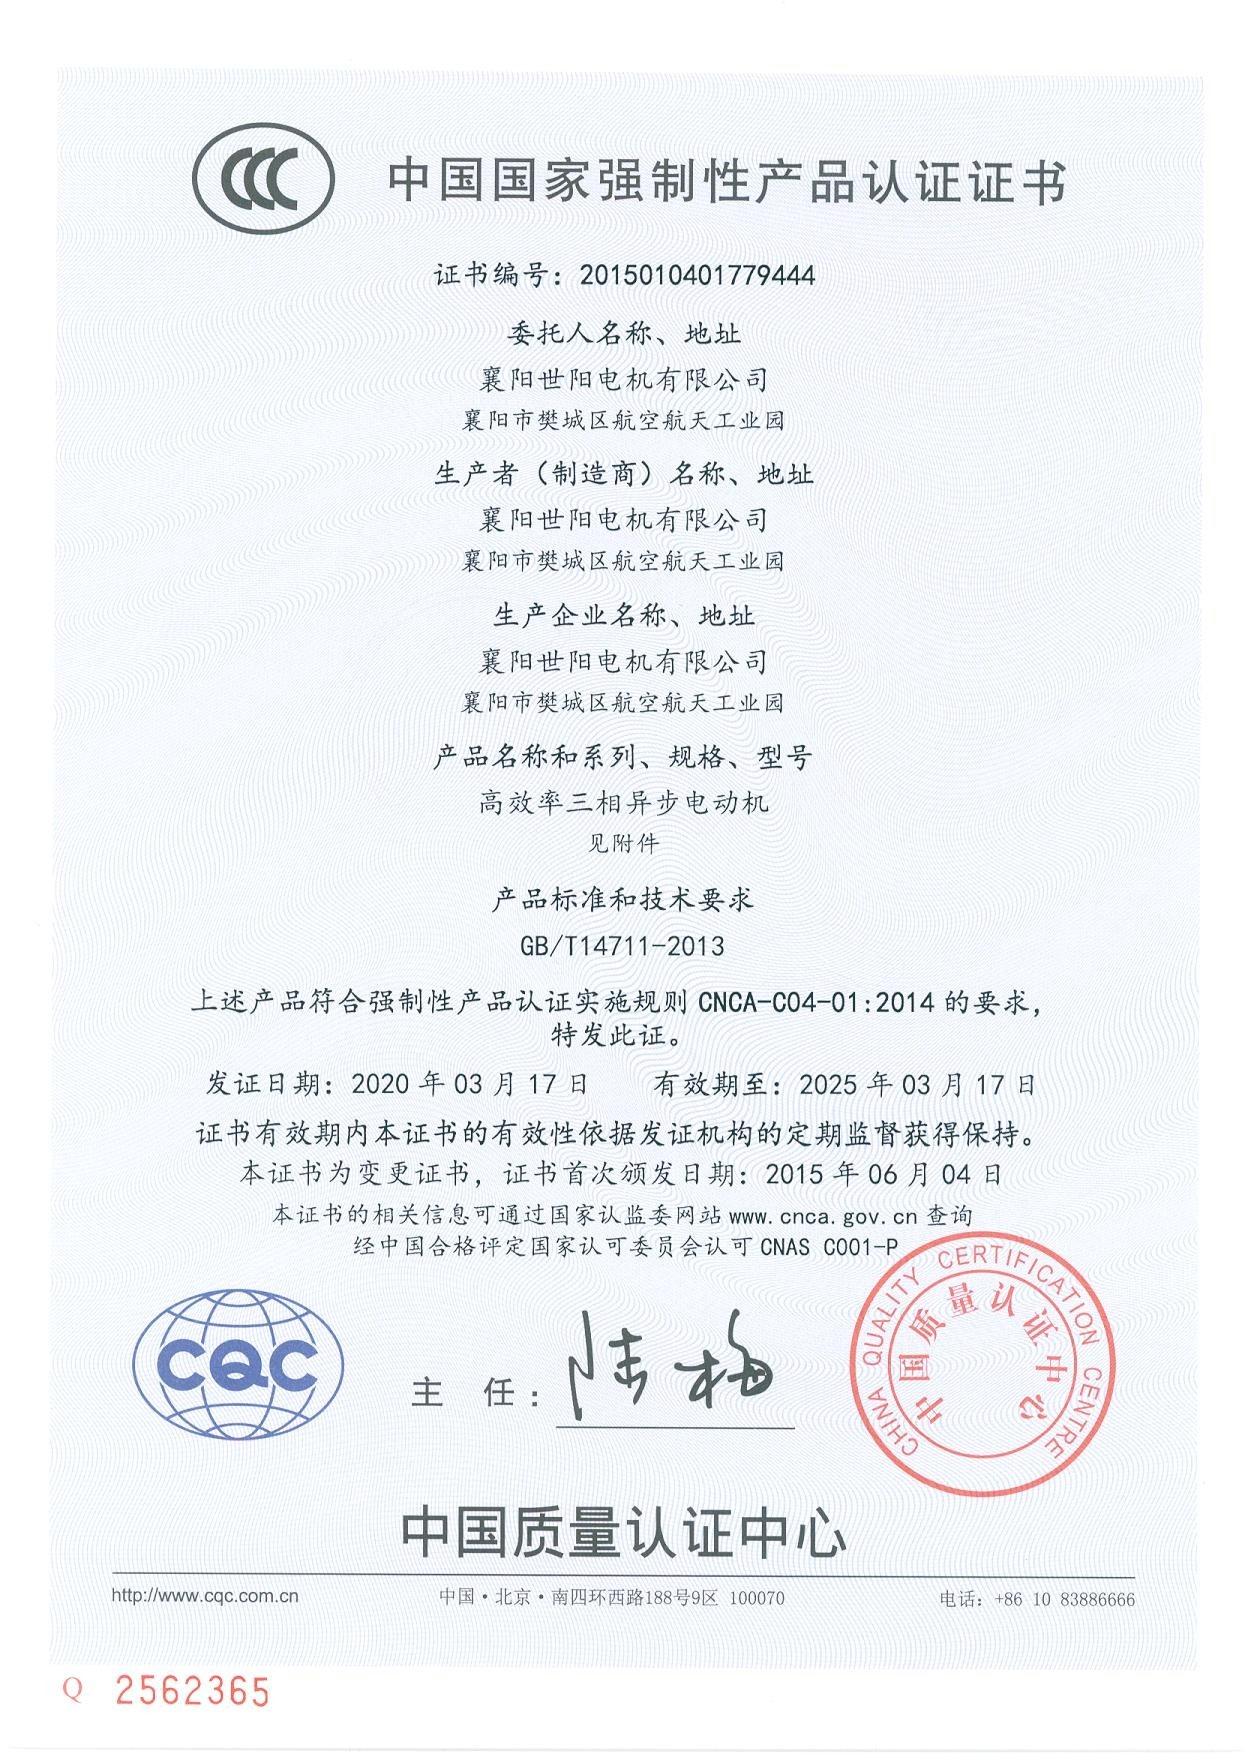 YE2-高效3C認證書 1